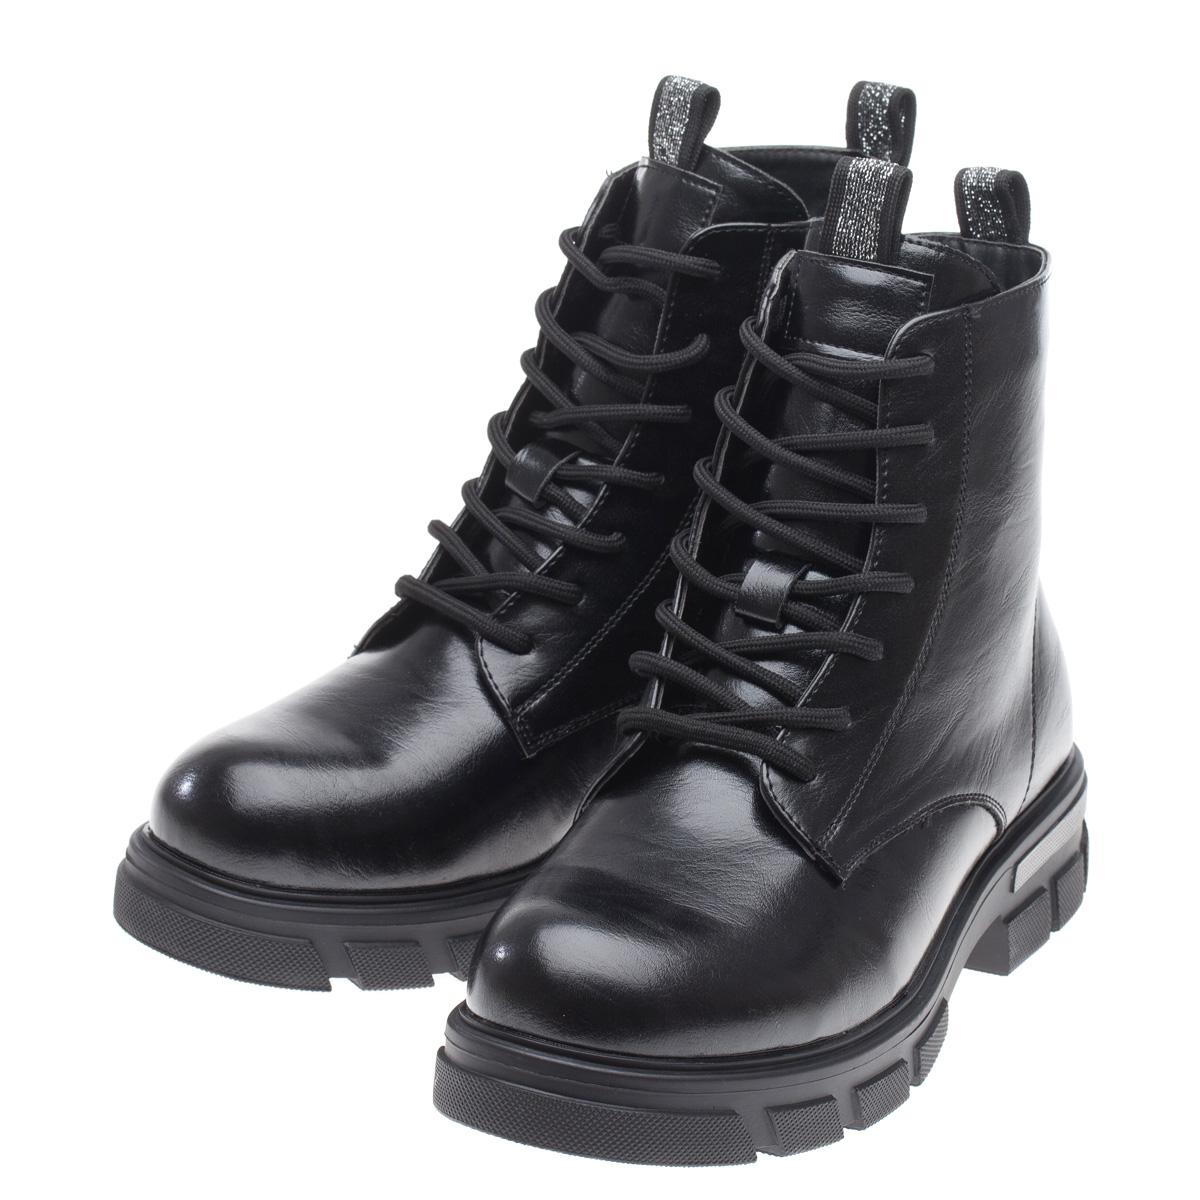 Ботинки демисезонные FERTO, D19-6987